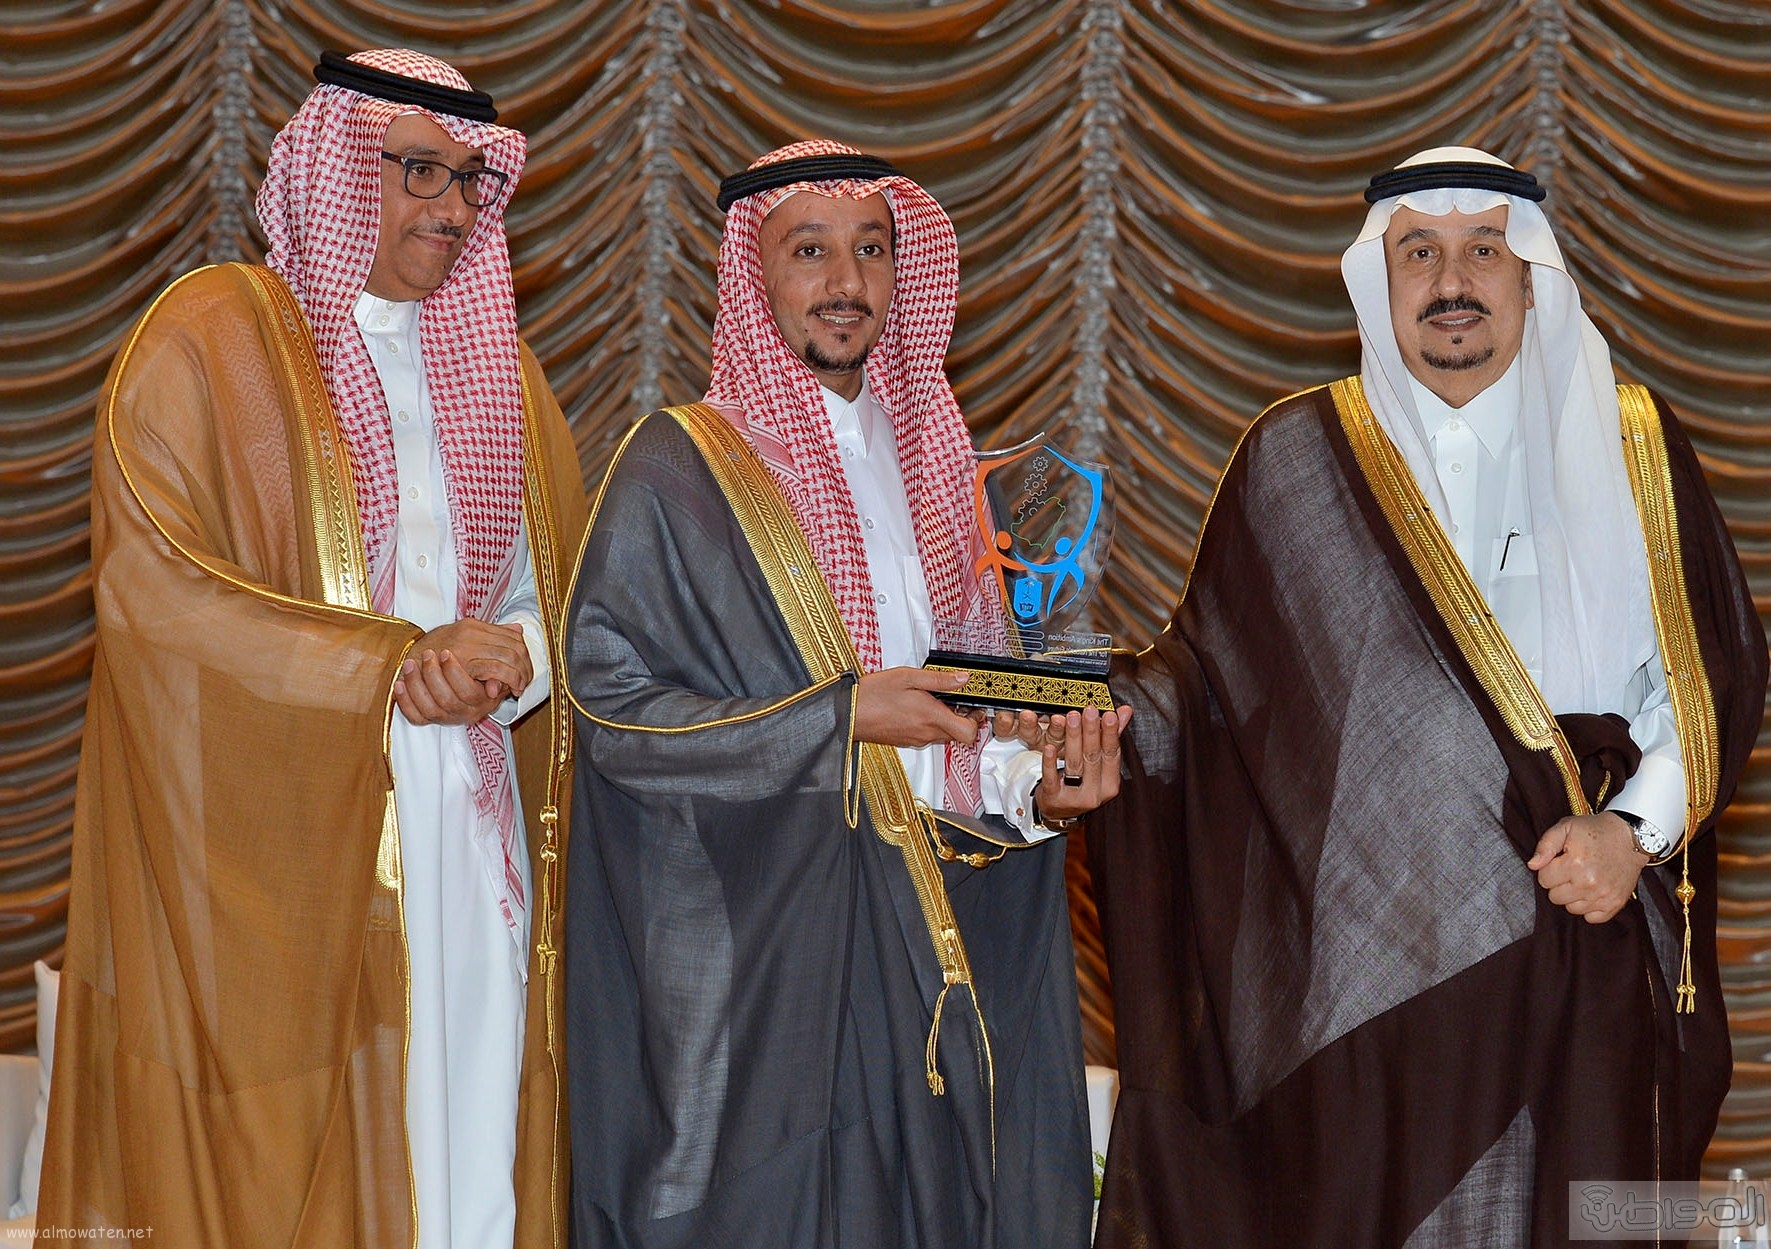 امير الرياض خلال رعاية طموح ملك لمستقبل وطن (15)